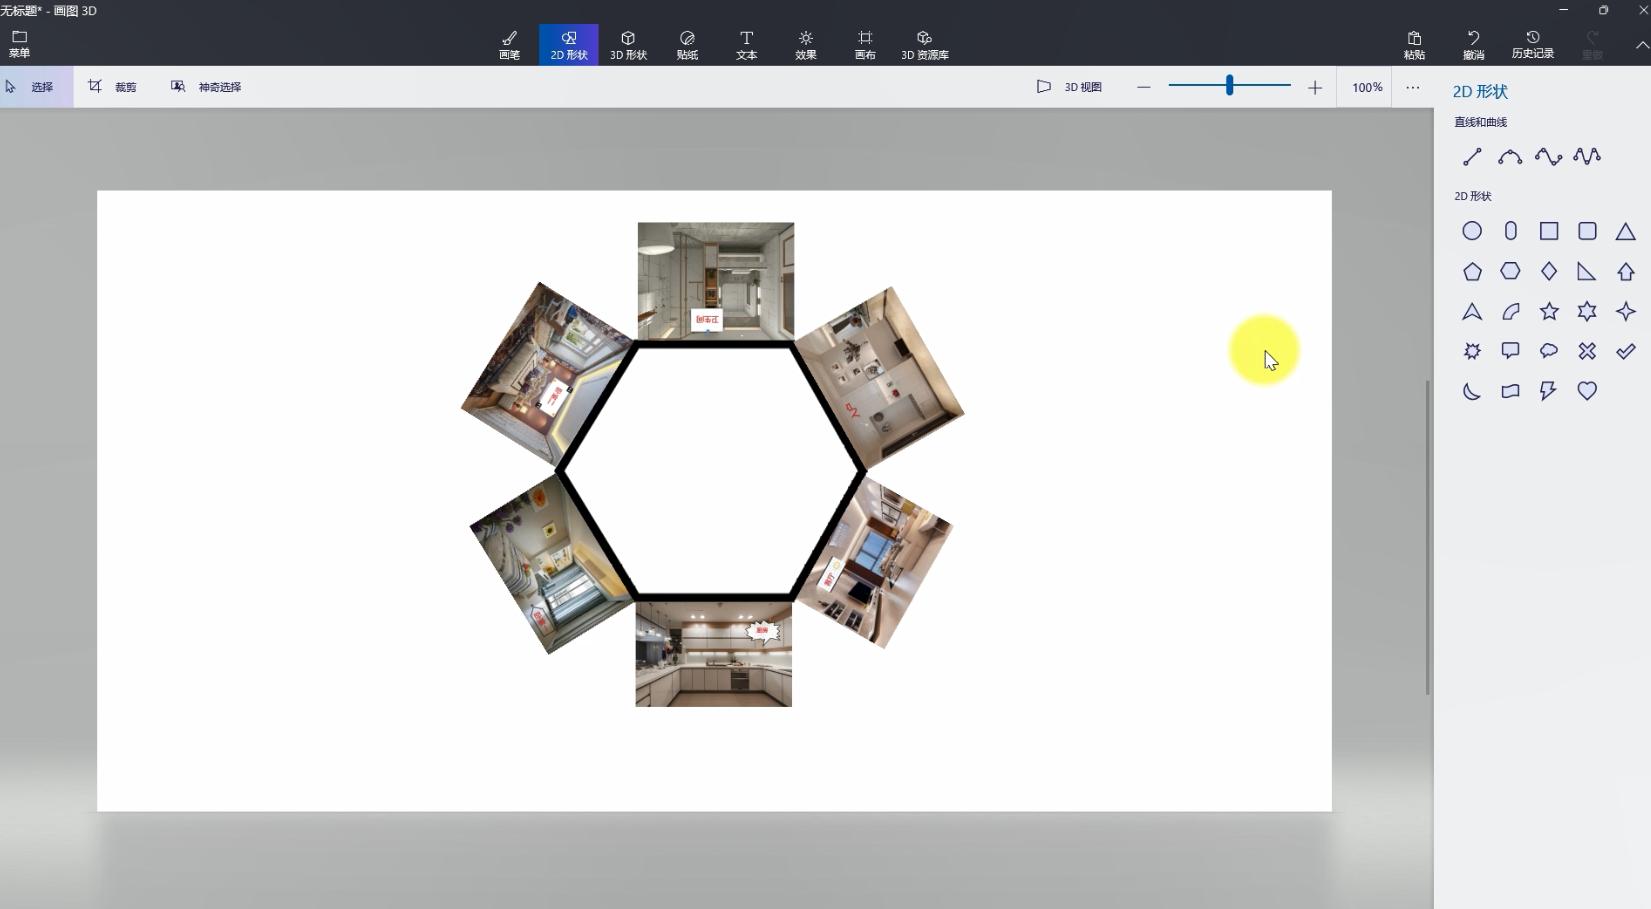 怎样用ppt做出这种3D环绕图片的动画效果?